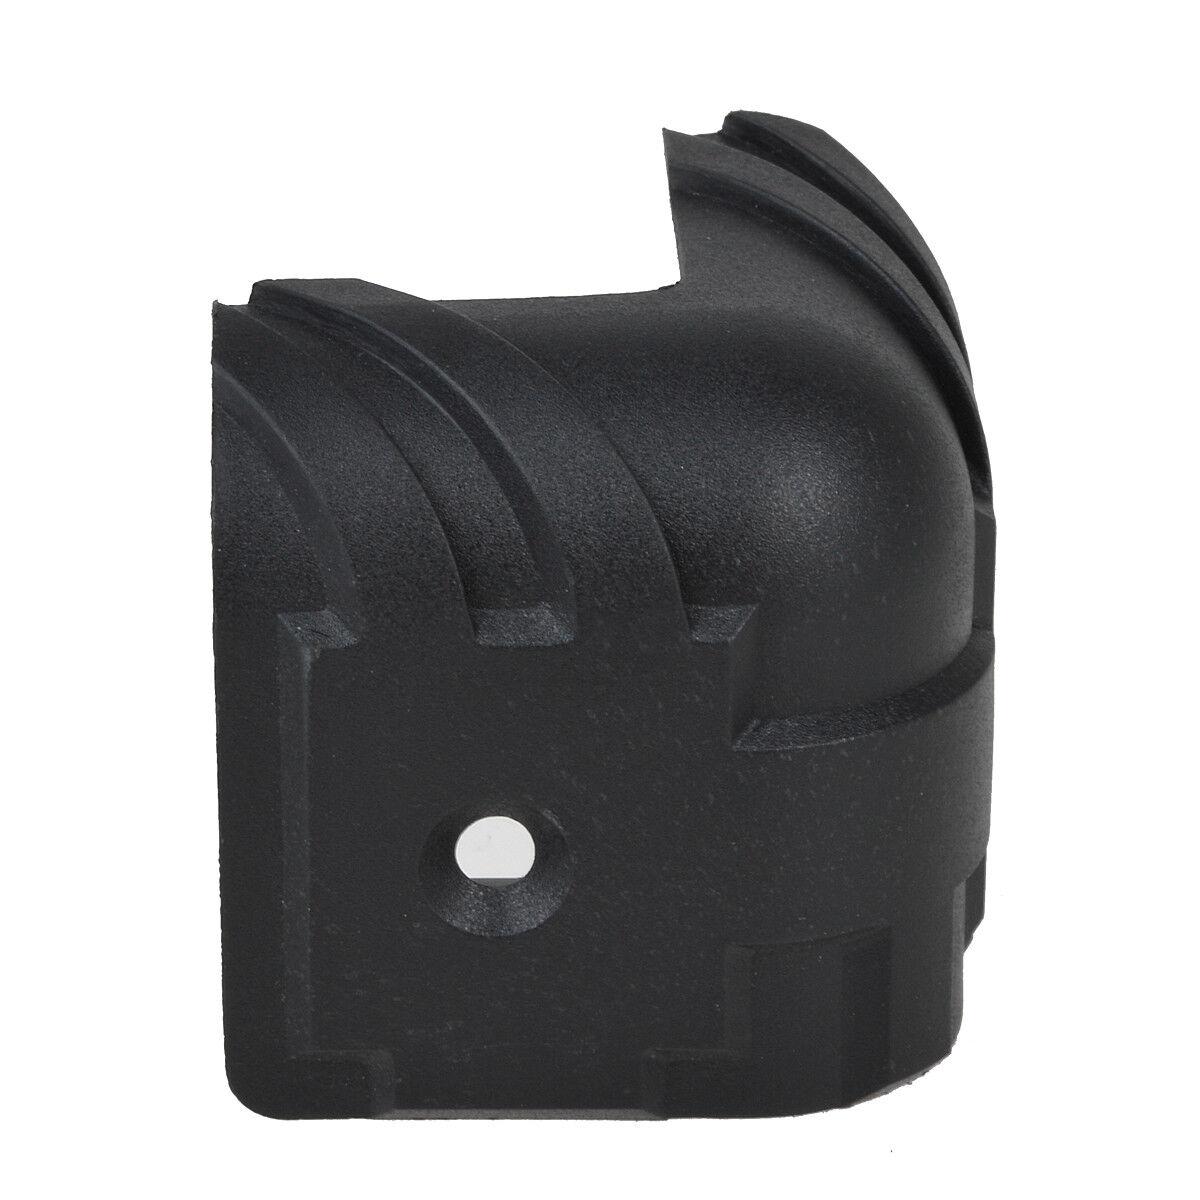 4 pcs guitar amplifier speaker cabinet corner protectors l black plastic 634458630221 ebay. Black Bedroom Furniture Sets. Home Design Ideas